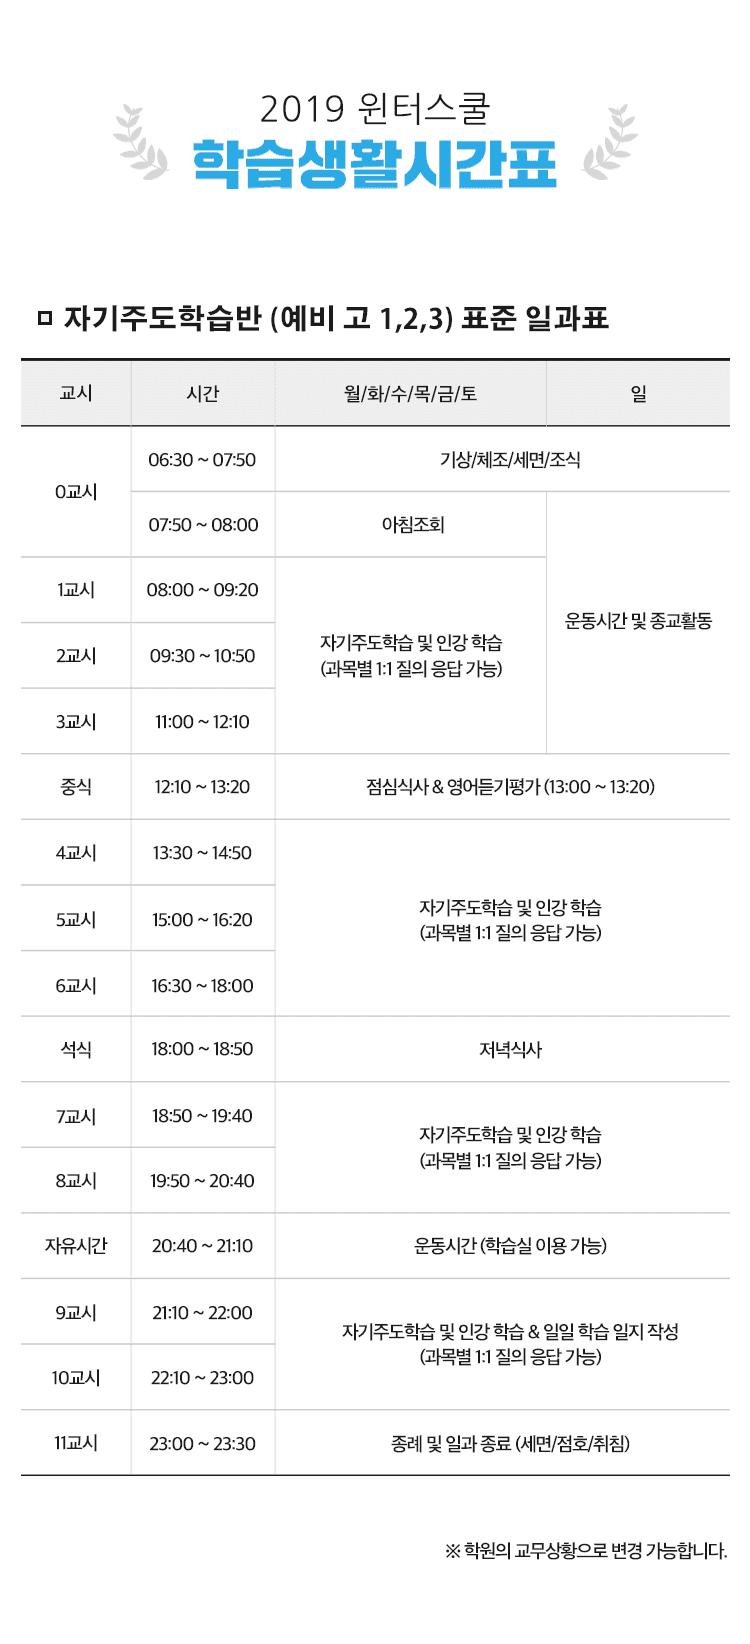 2019 윈터스쿨 시간표 mobile